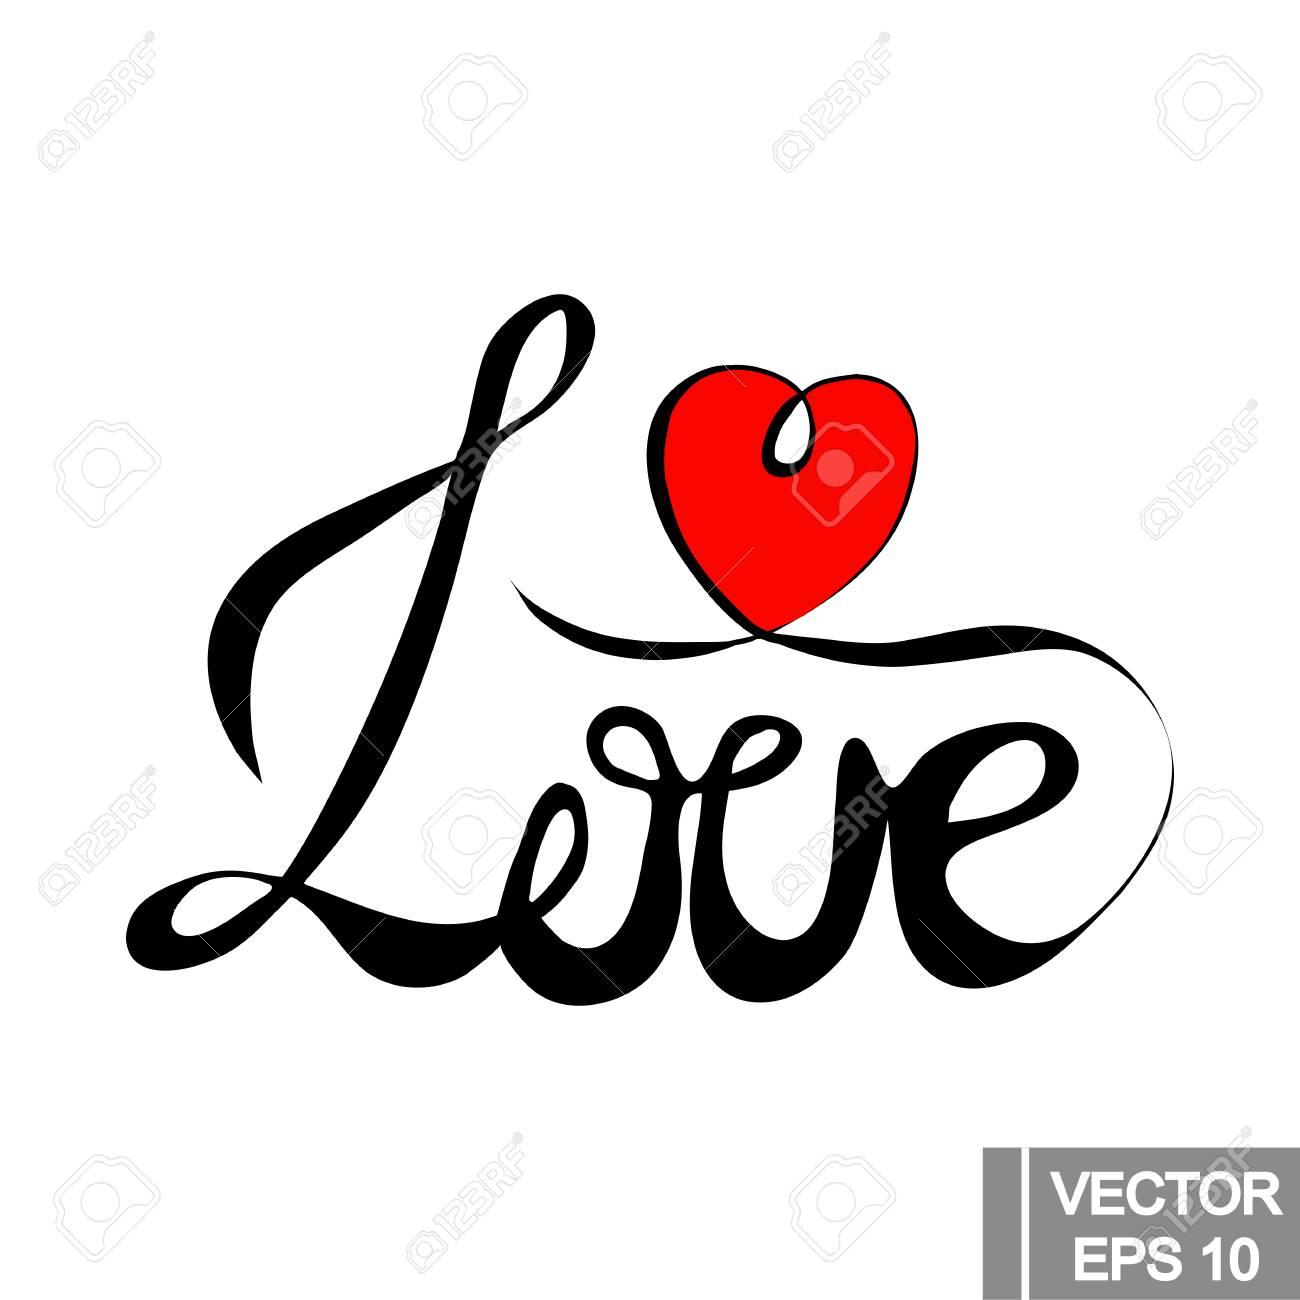 Signe D Amour Avec Coeur Rouge Illustration Vectorielle Isolé Sur Backgraound Blanc élément Pour Votre Logo Autocollant Et Dessins De Valentine